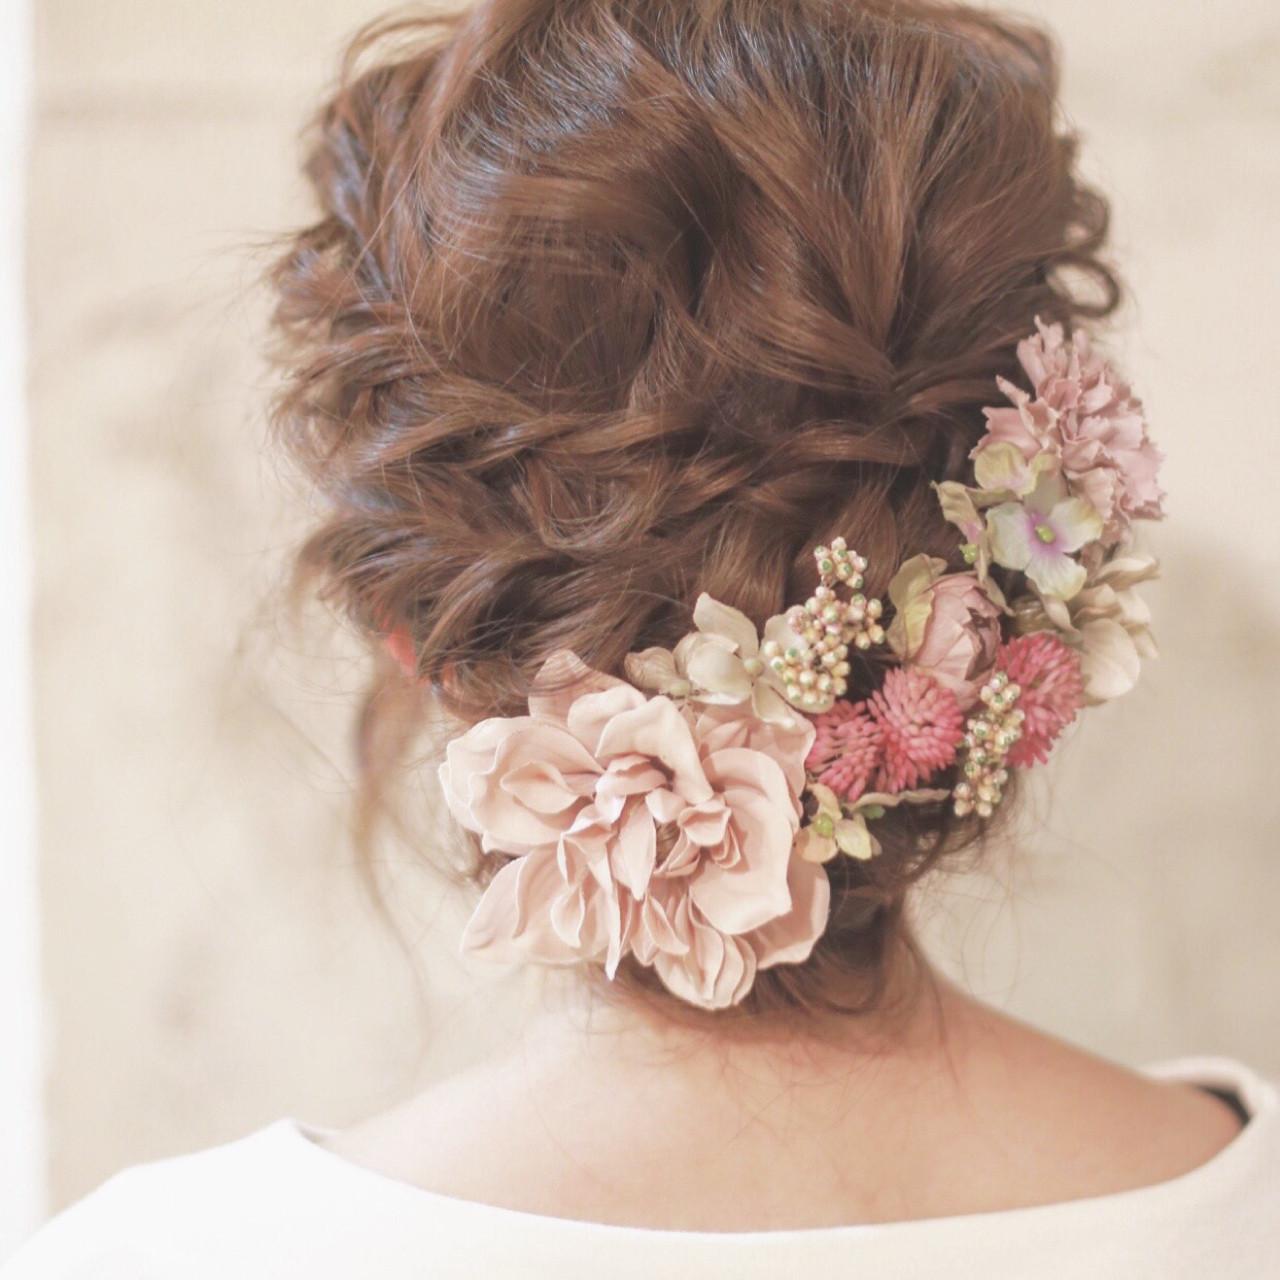 大人かわいい ショート 簡単ヘアアレンジ 結婚式 ヘアスタイルや髪型の写真・画像 | 谷本将太 nalu hair / nalu hair  (ナルーヘアー)